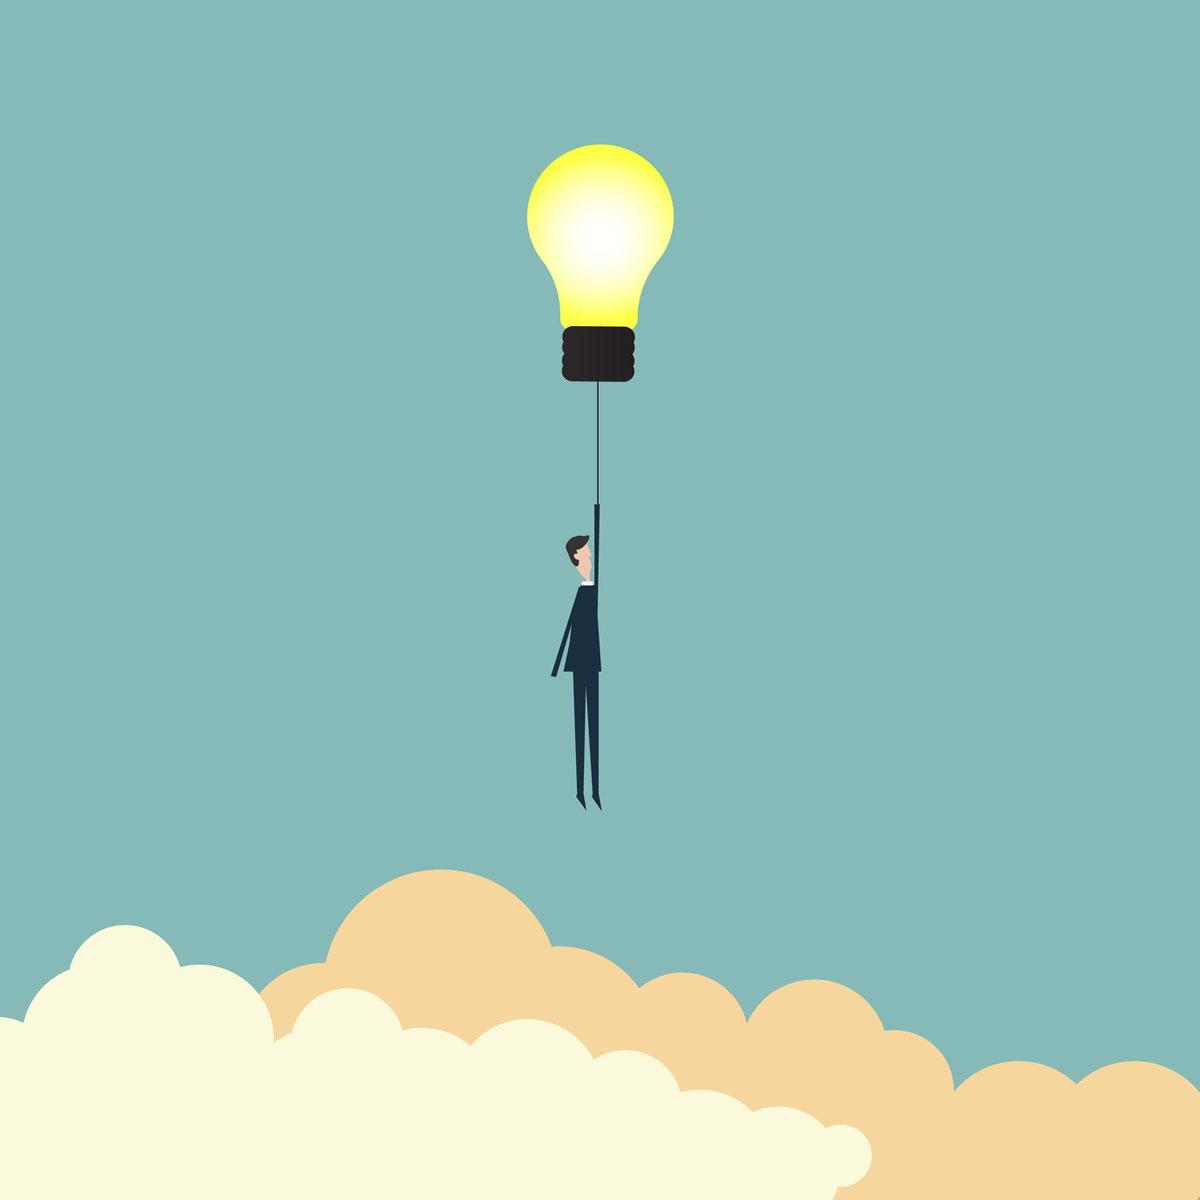 Erfolgsfaktoren für eine einwandfreie ERP Einführung. Geschäftsmann fliegt an einer aufleuchtenden Glühbirne in den Himmel.